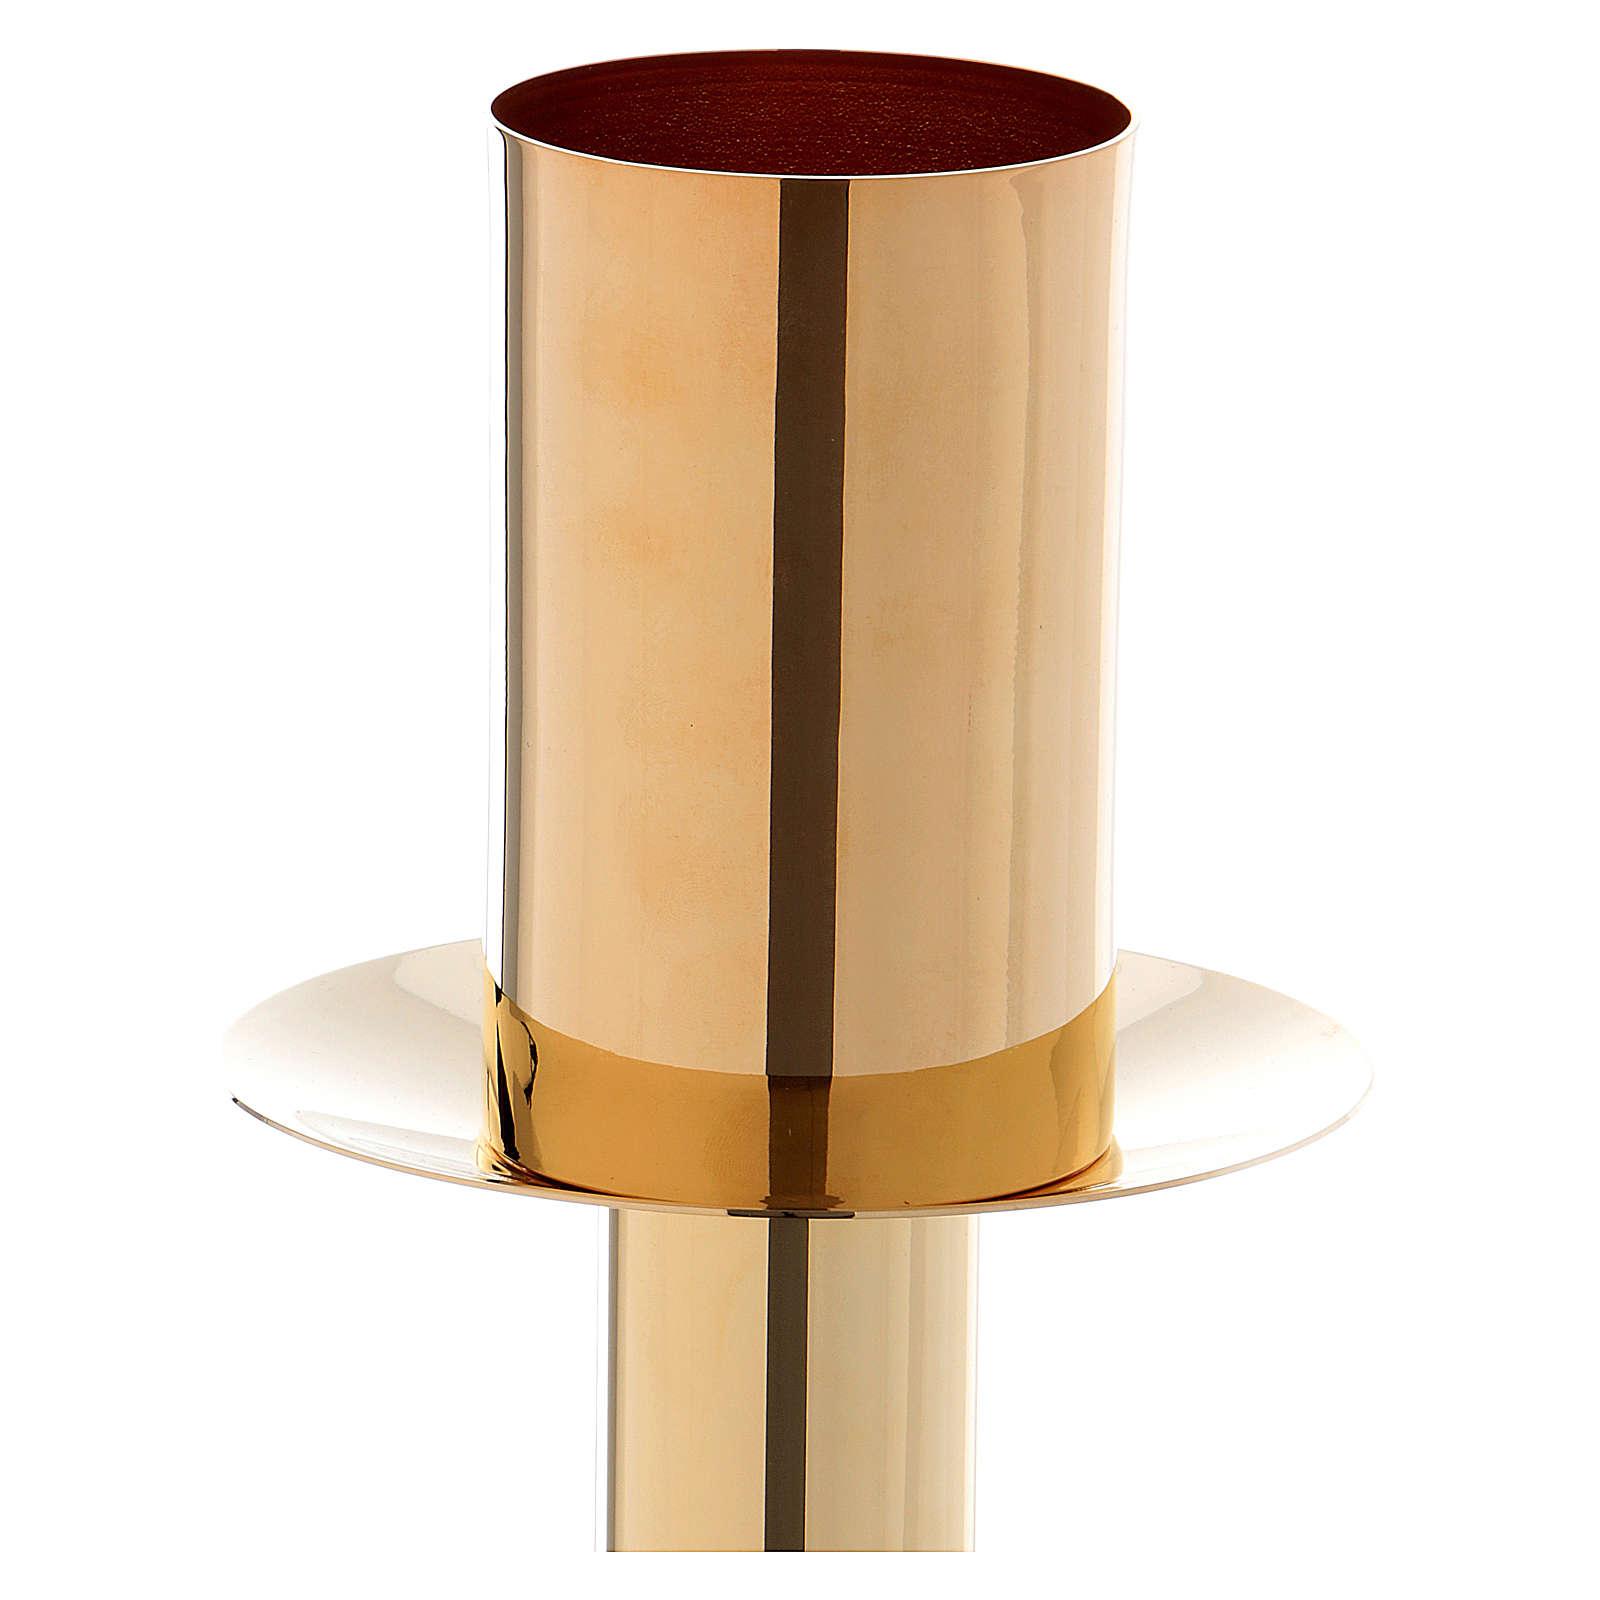 Portacero pasquale dorato classico in metallo 60 cm 4